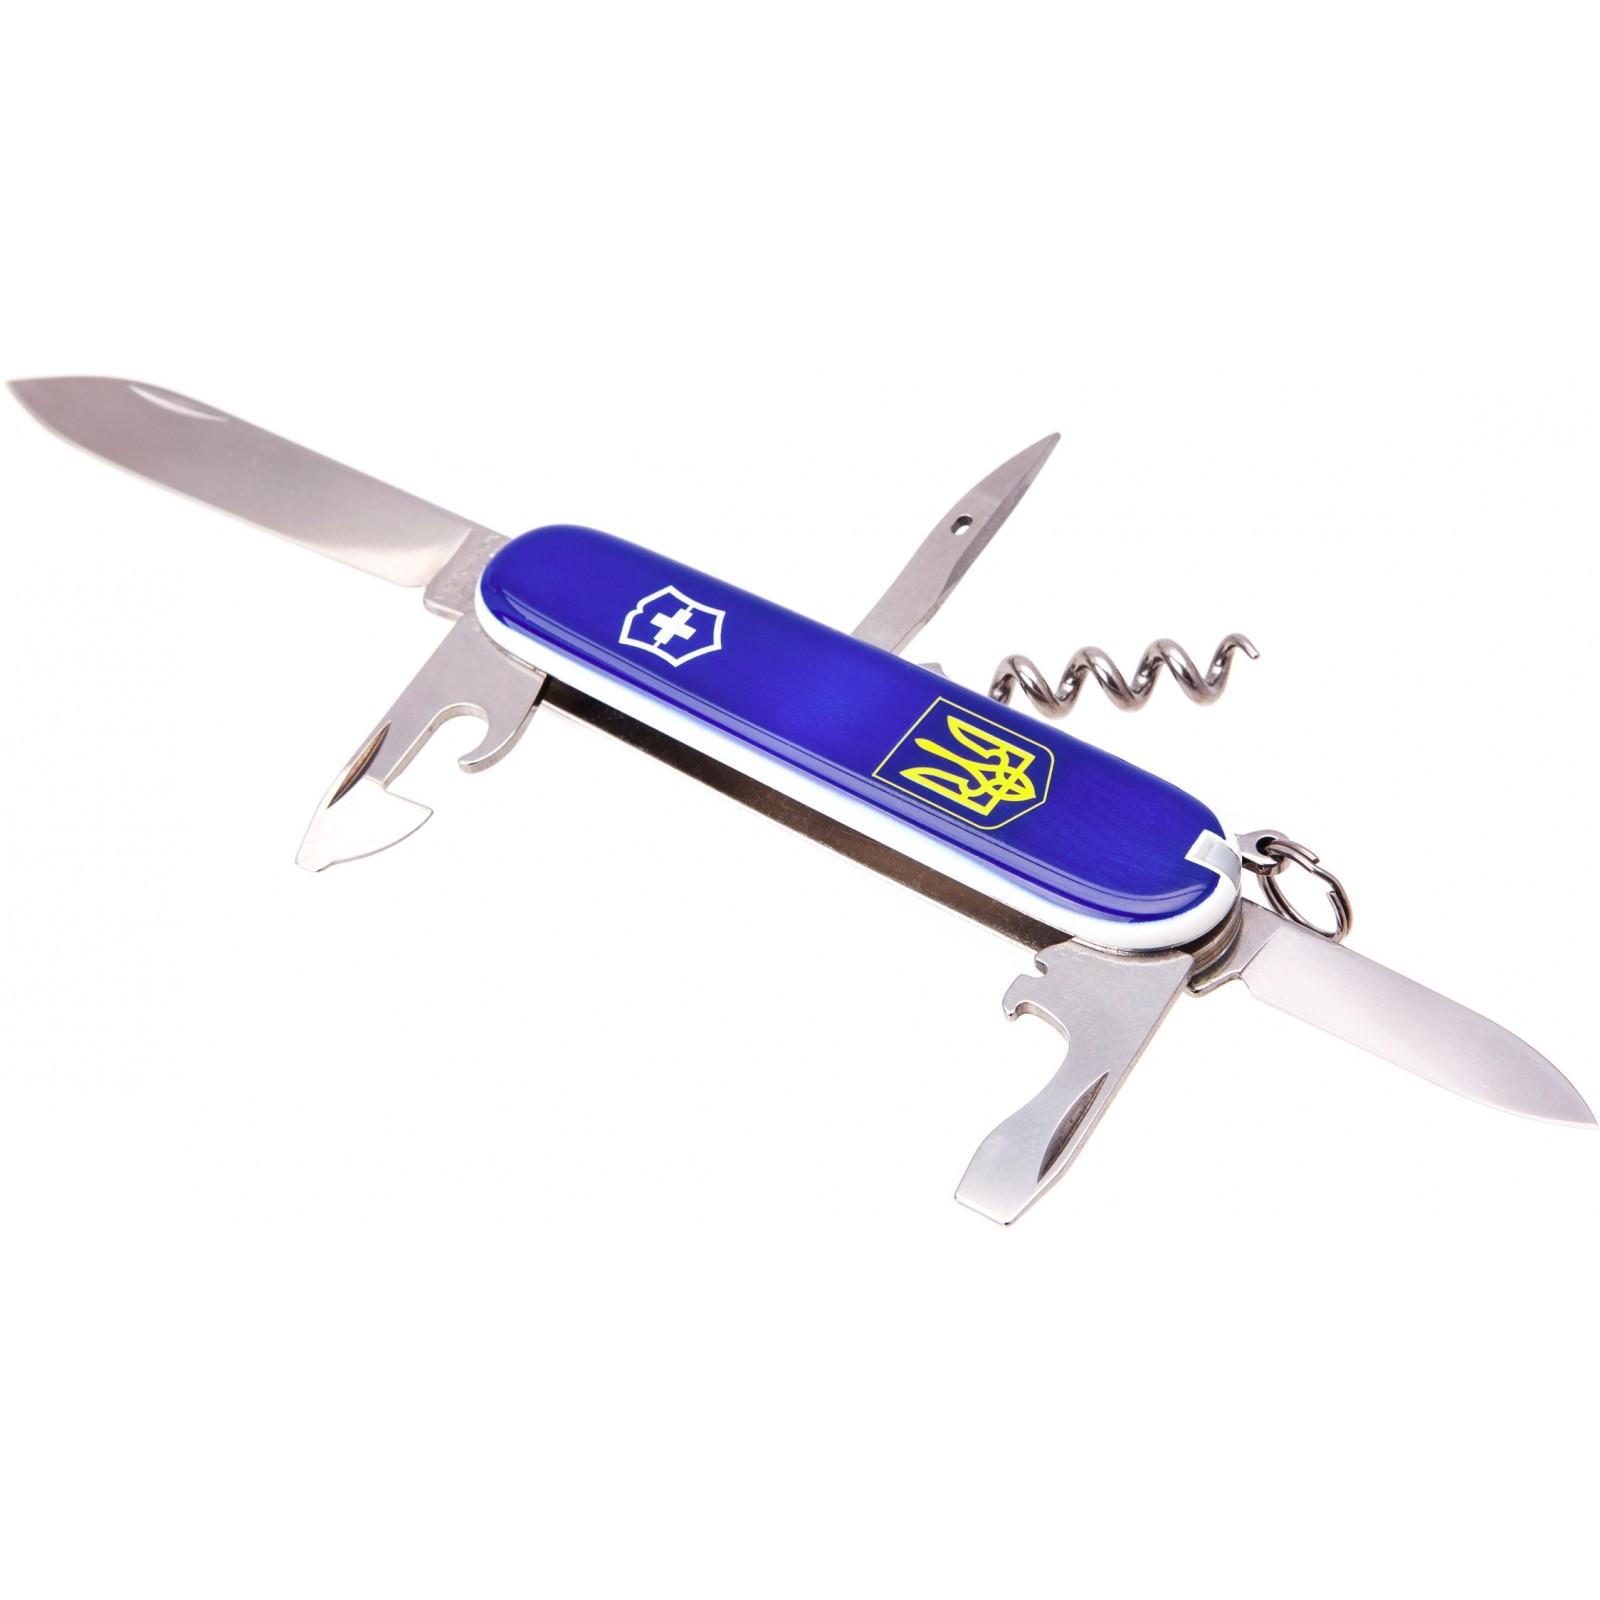 Нож Victorinox Swiss Army Spartan Тризуб (1.3603.7R2)